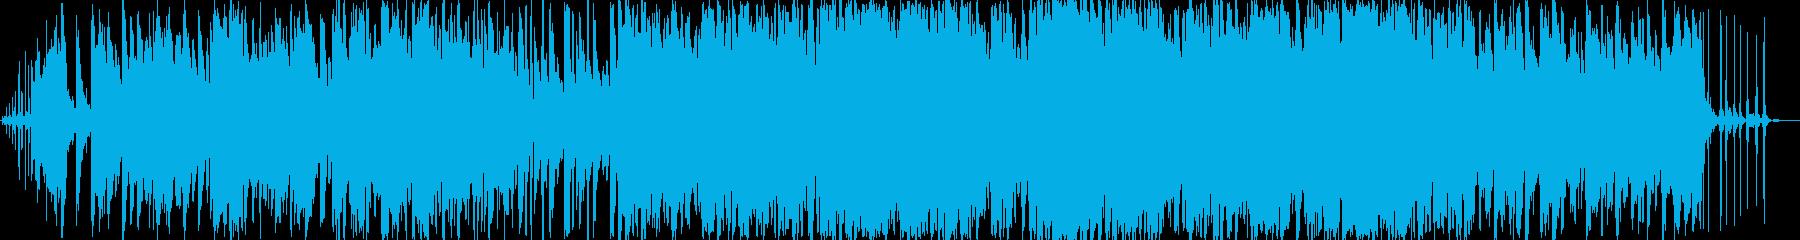 動物の鳴き声を使った子供向けマーチの再生済みの波形